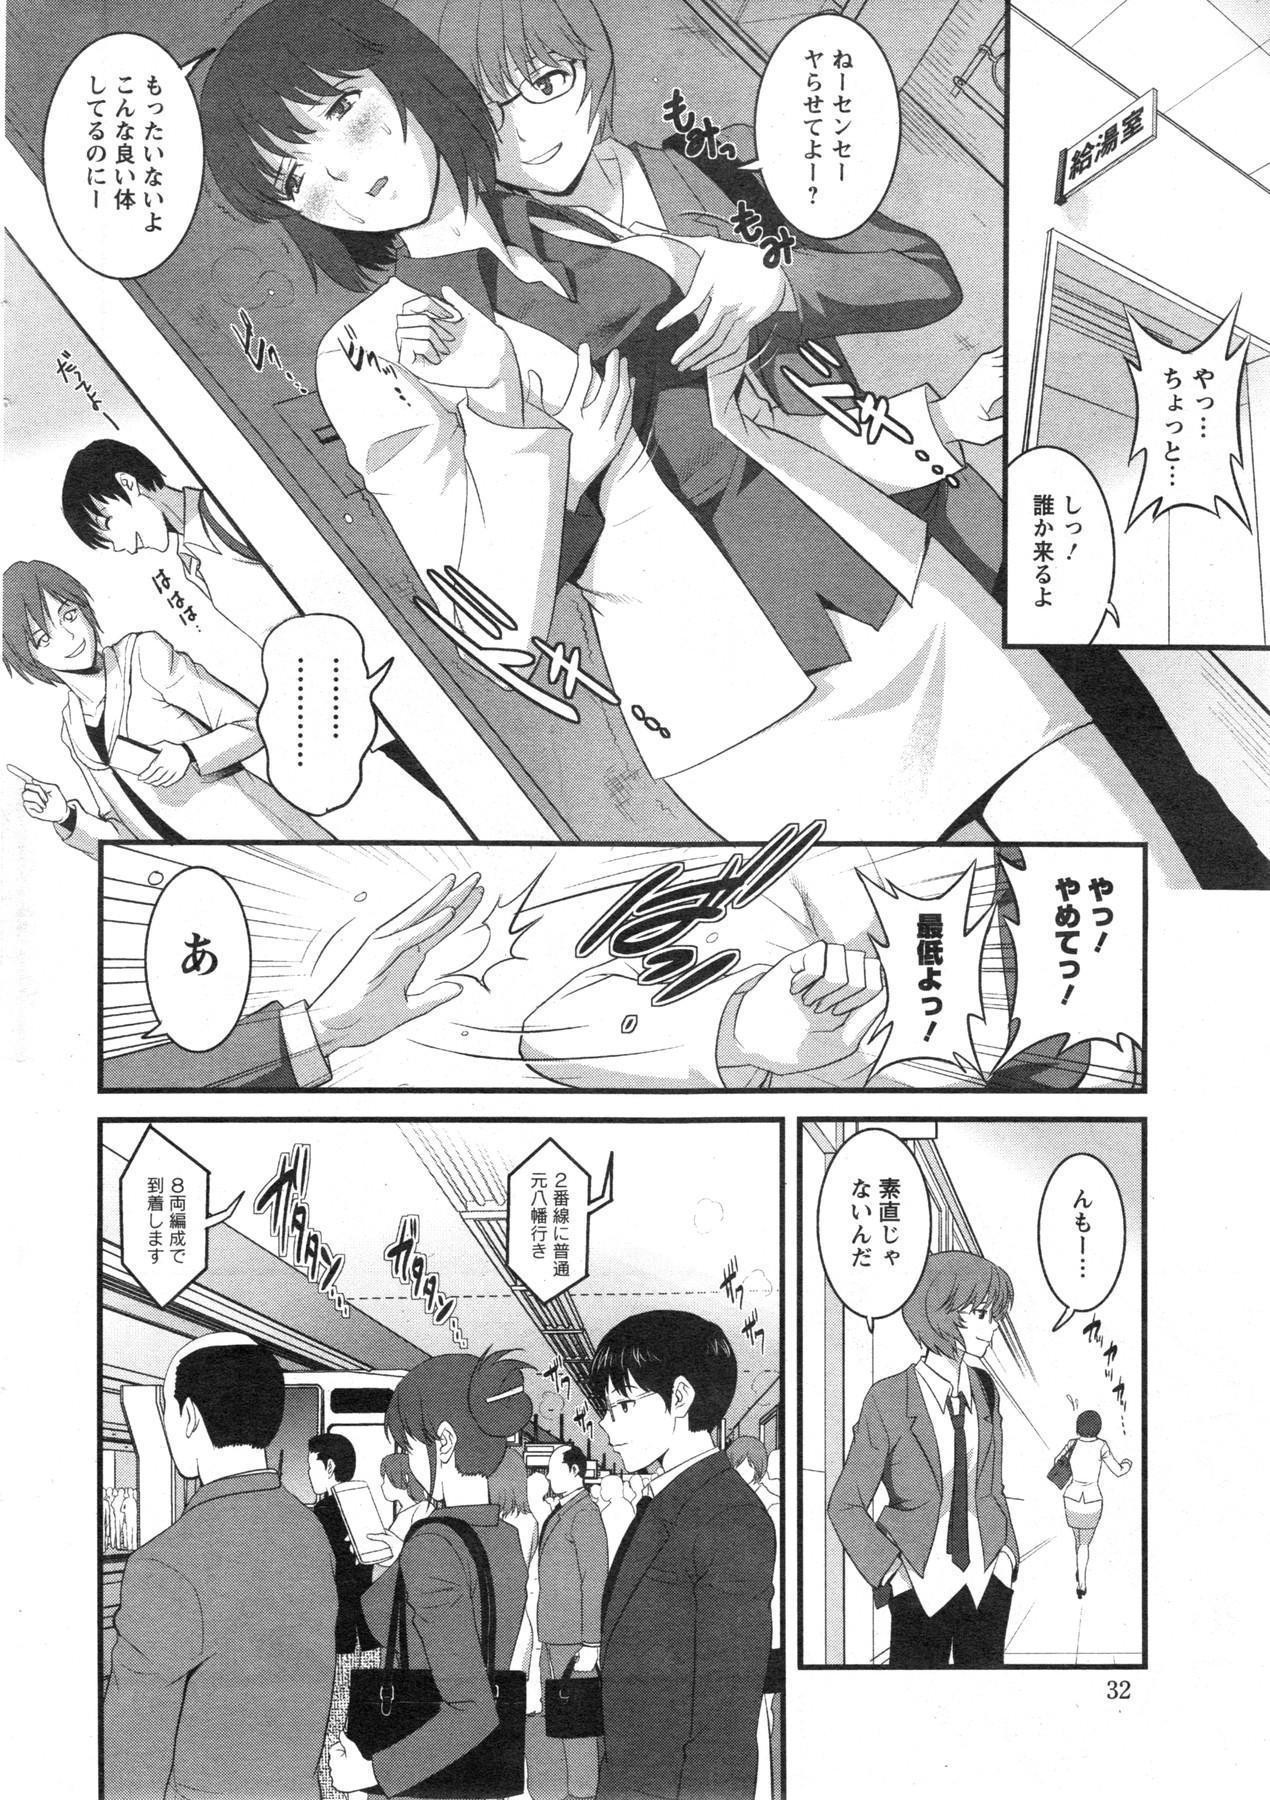 [Saigado] Hitozuma Jokyoushi Main-san Ch.01-10 27